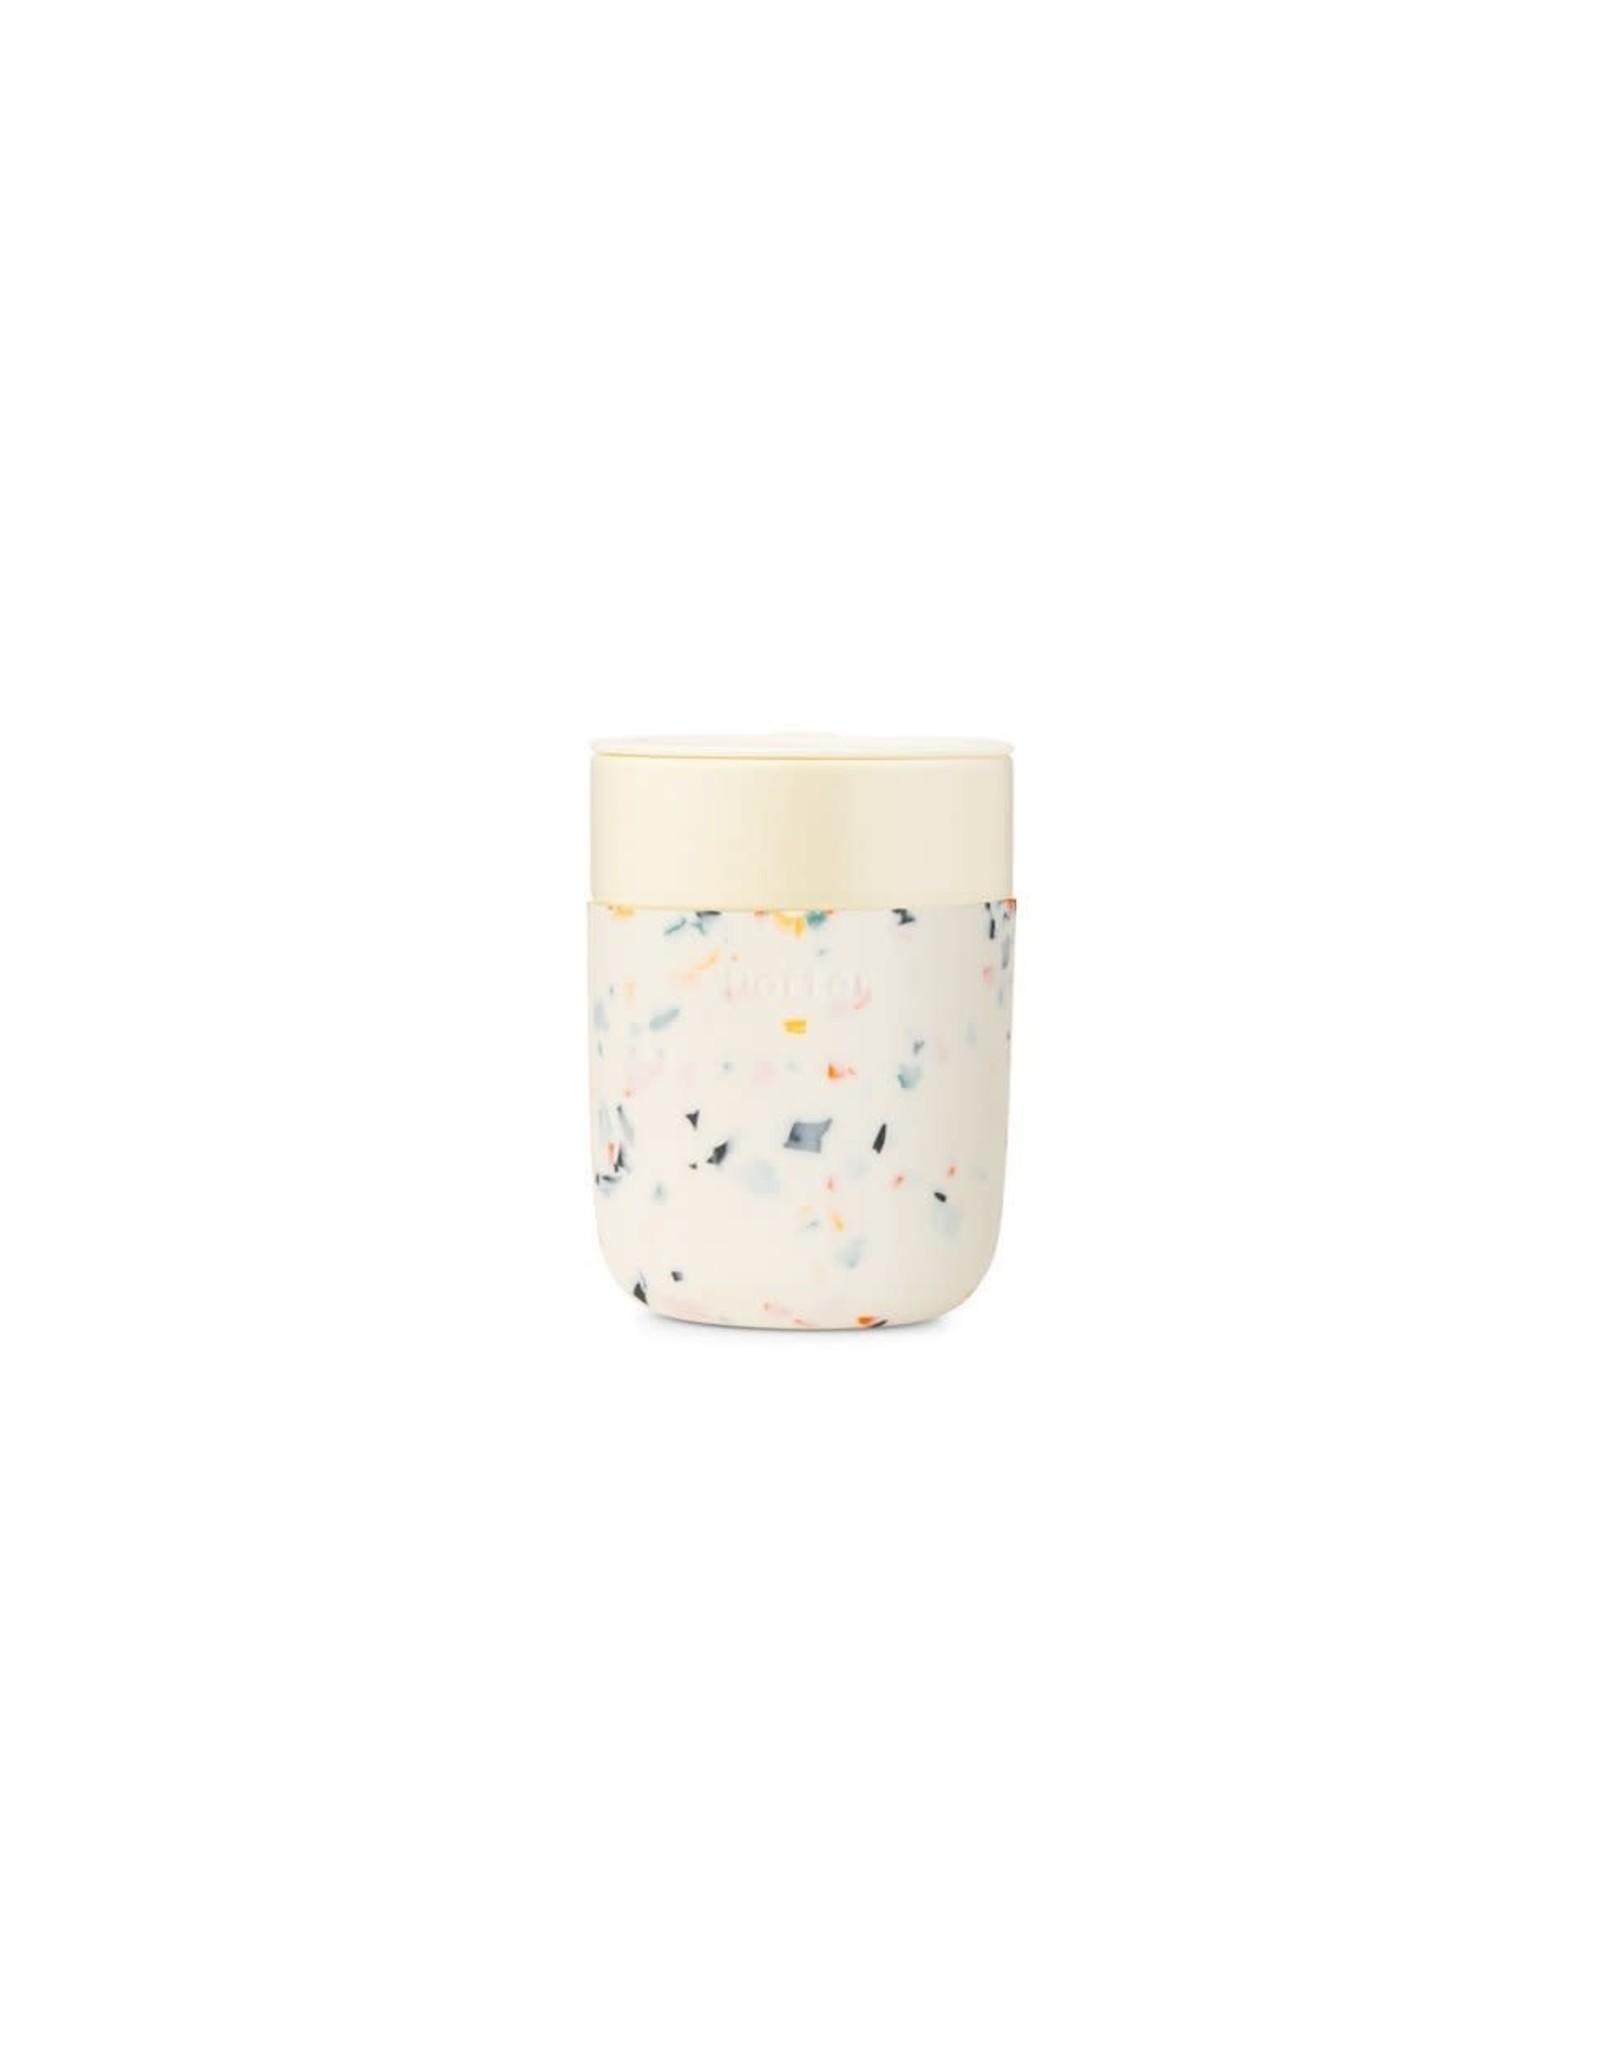 Tasse réutilisable 12 oz - Terrazzo crème